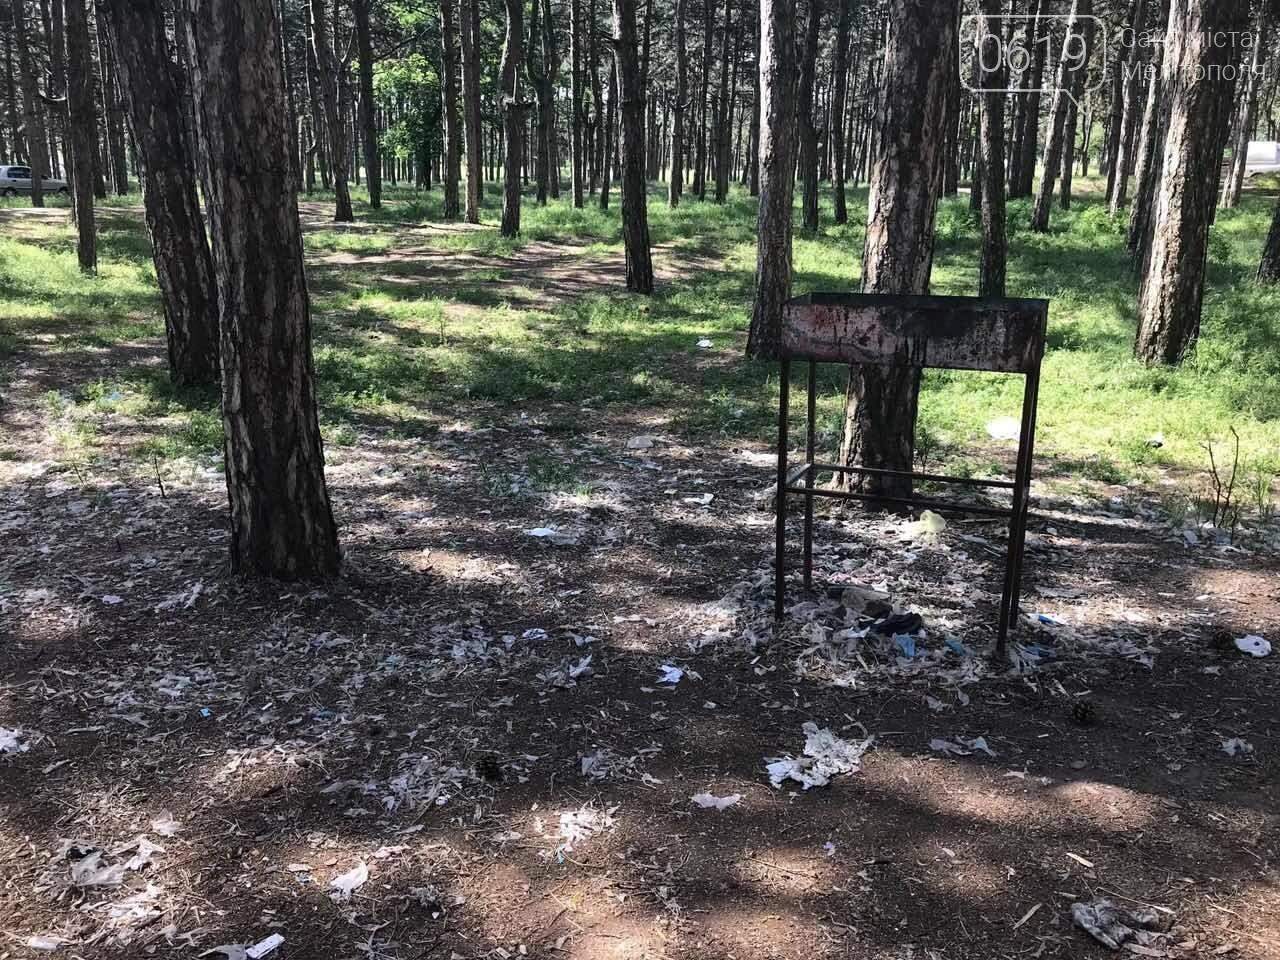 Мелитопольский лесопарк вновь превратили в свалку, фото-3, Фото сайта 0619